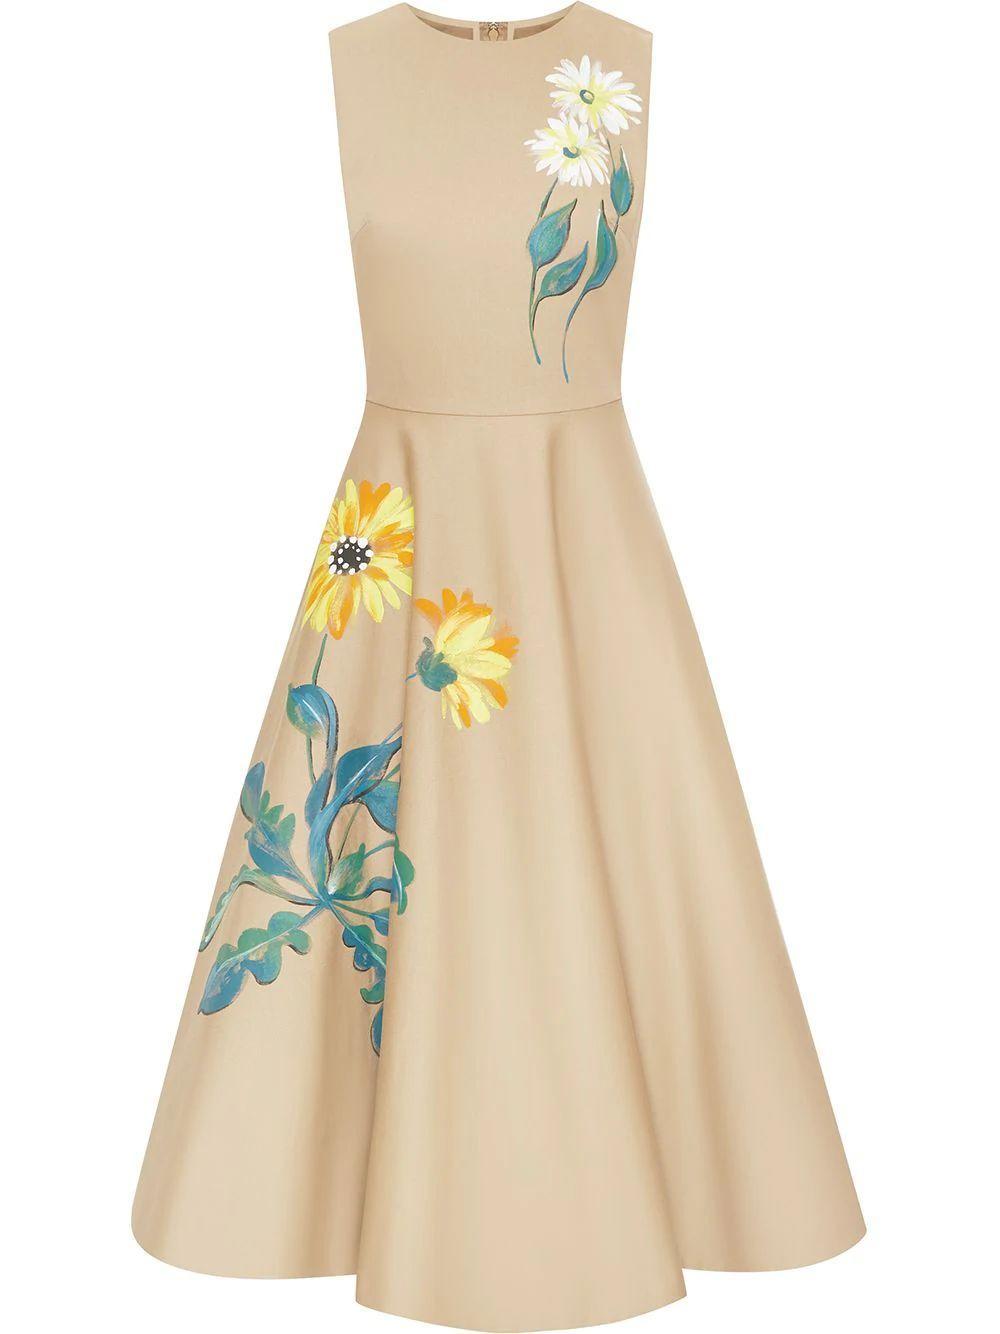 Floral Print Poplin Dress Item # 21RN259CNT